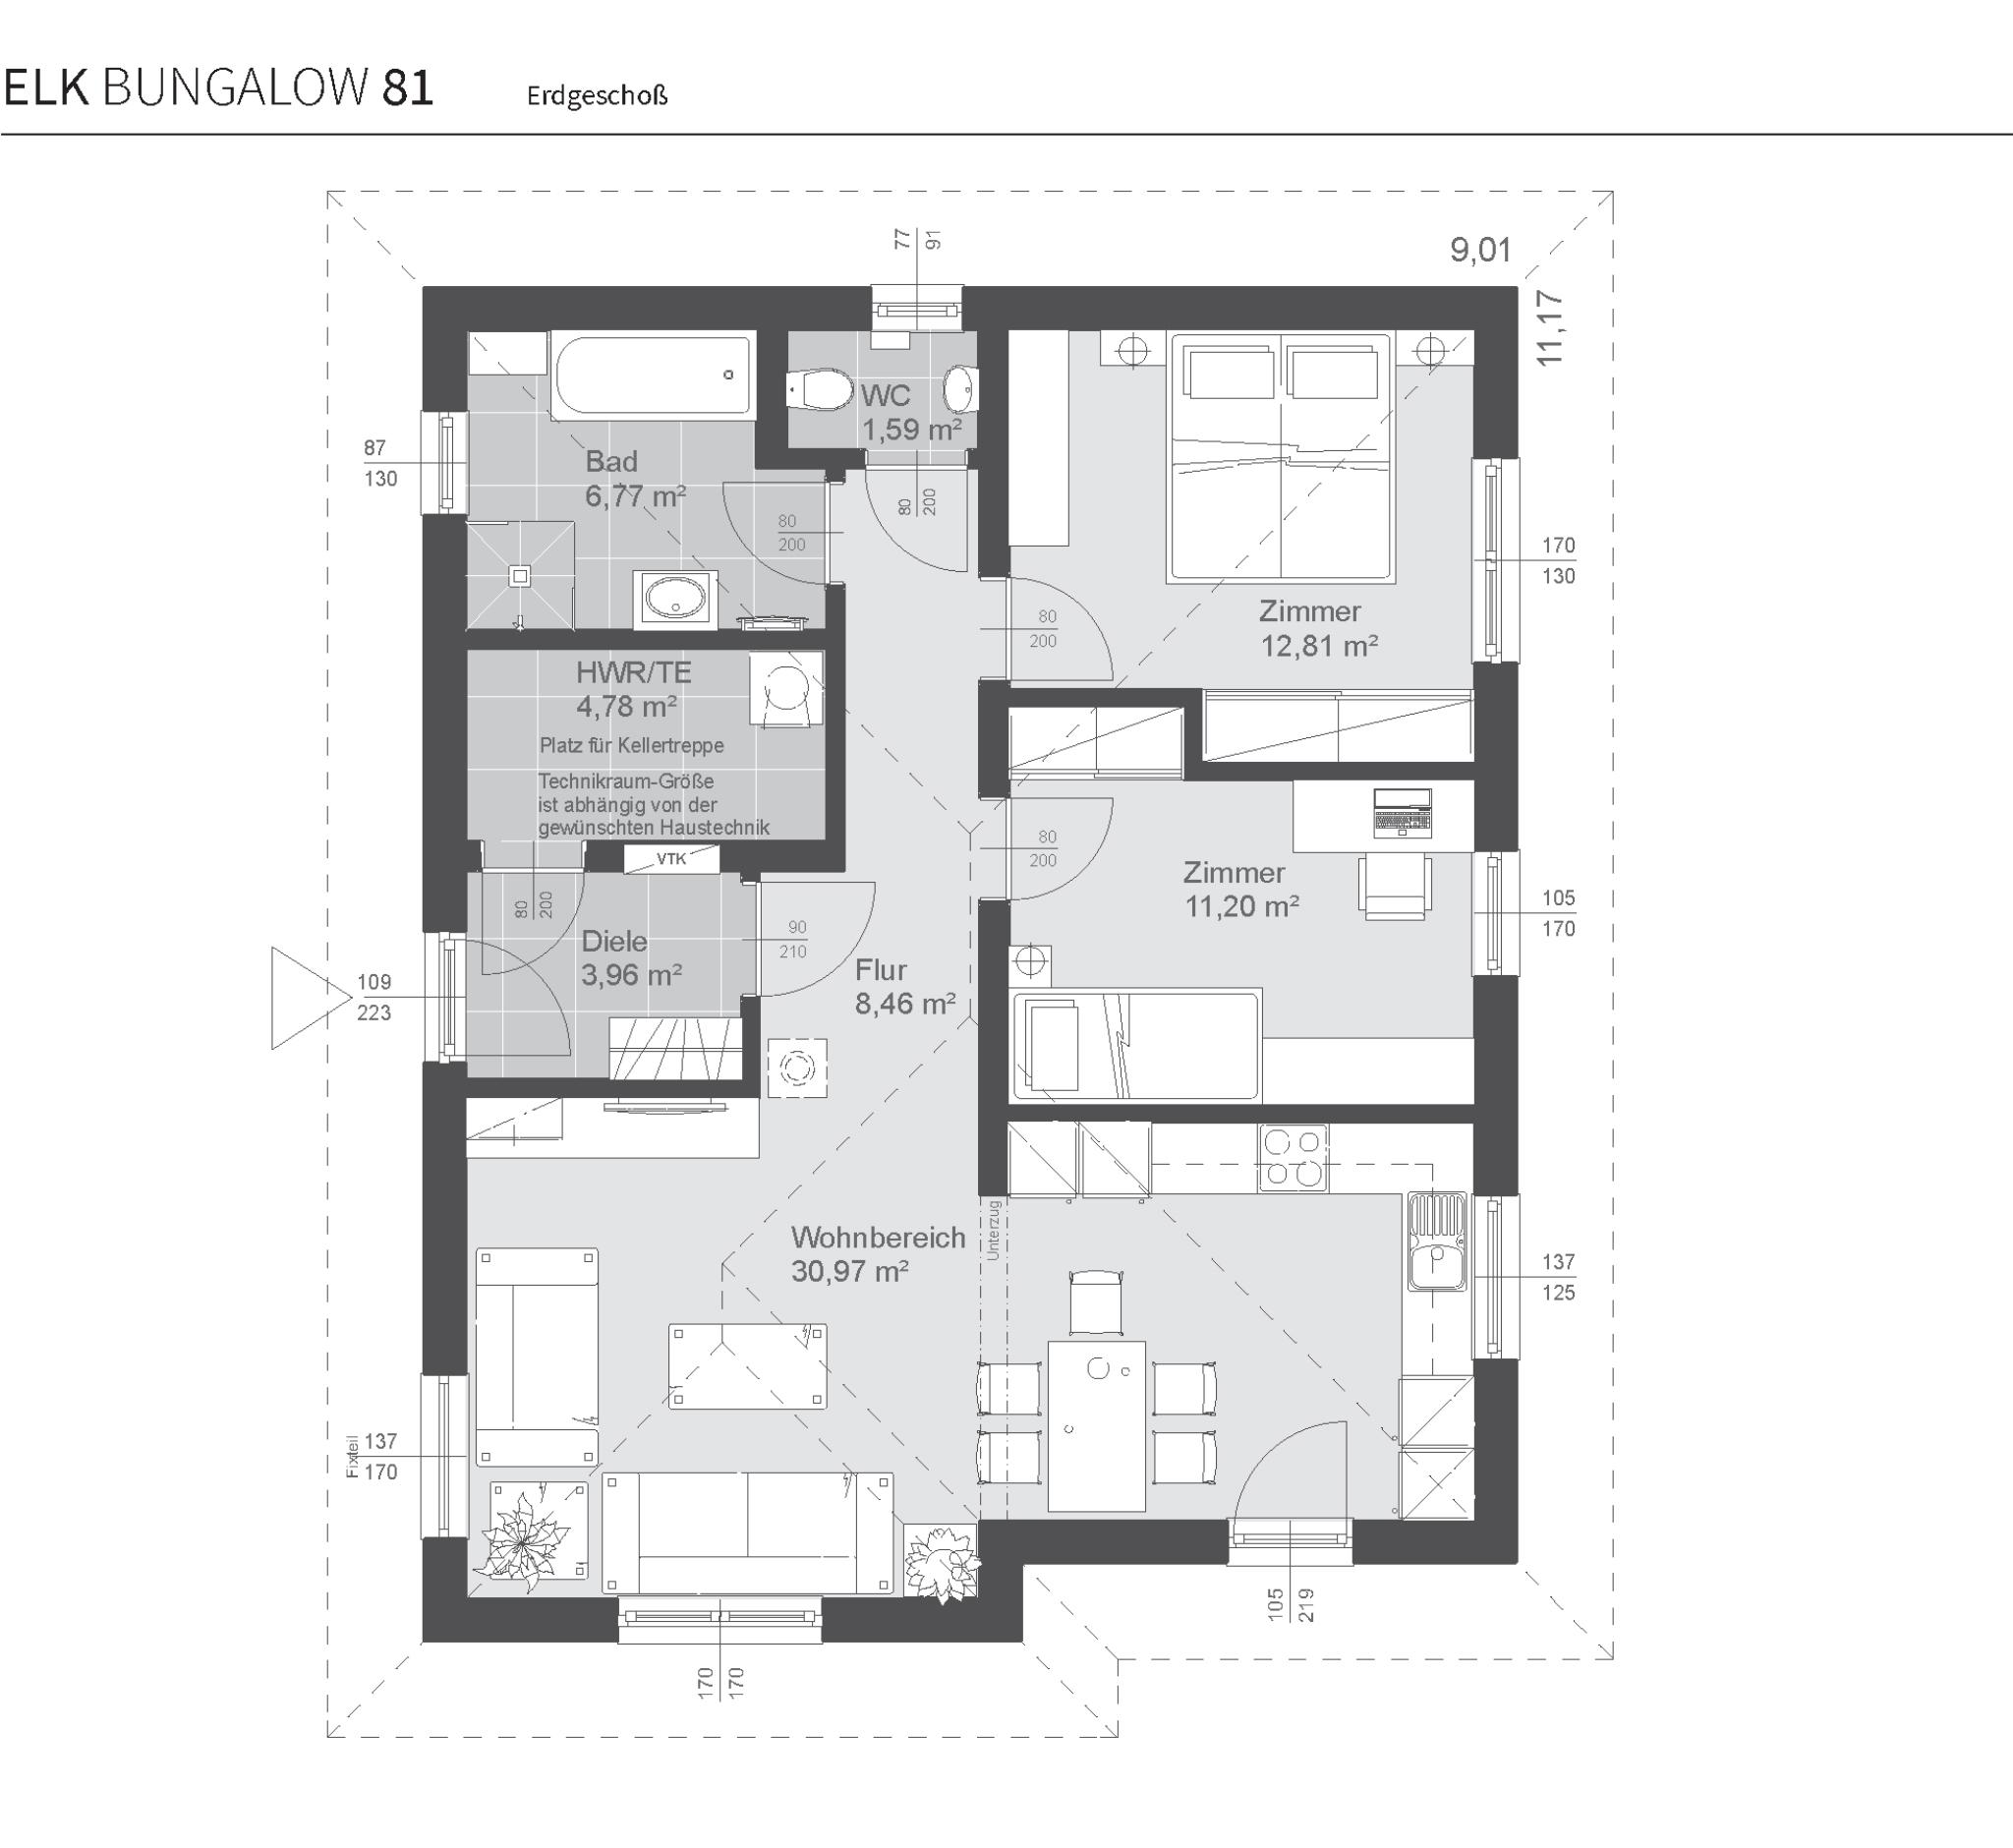 grundriss-fertighaus-elk-bungalow-81-erdgeschoss-walmdach